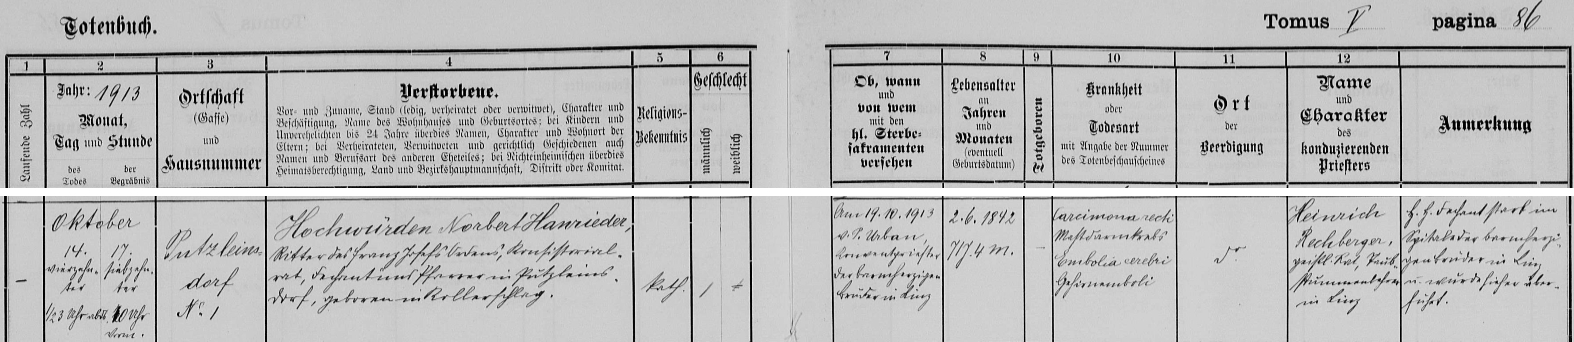 Záznam o jeho úmrtí v knize zemřelých farní obce Putzleinsdorf